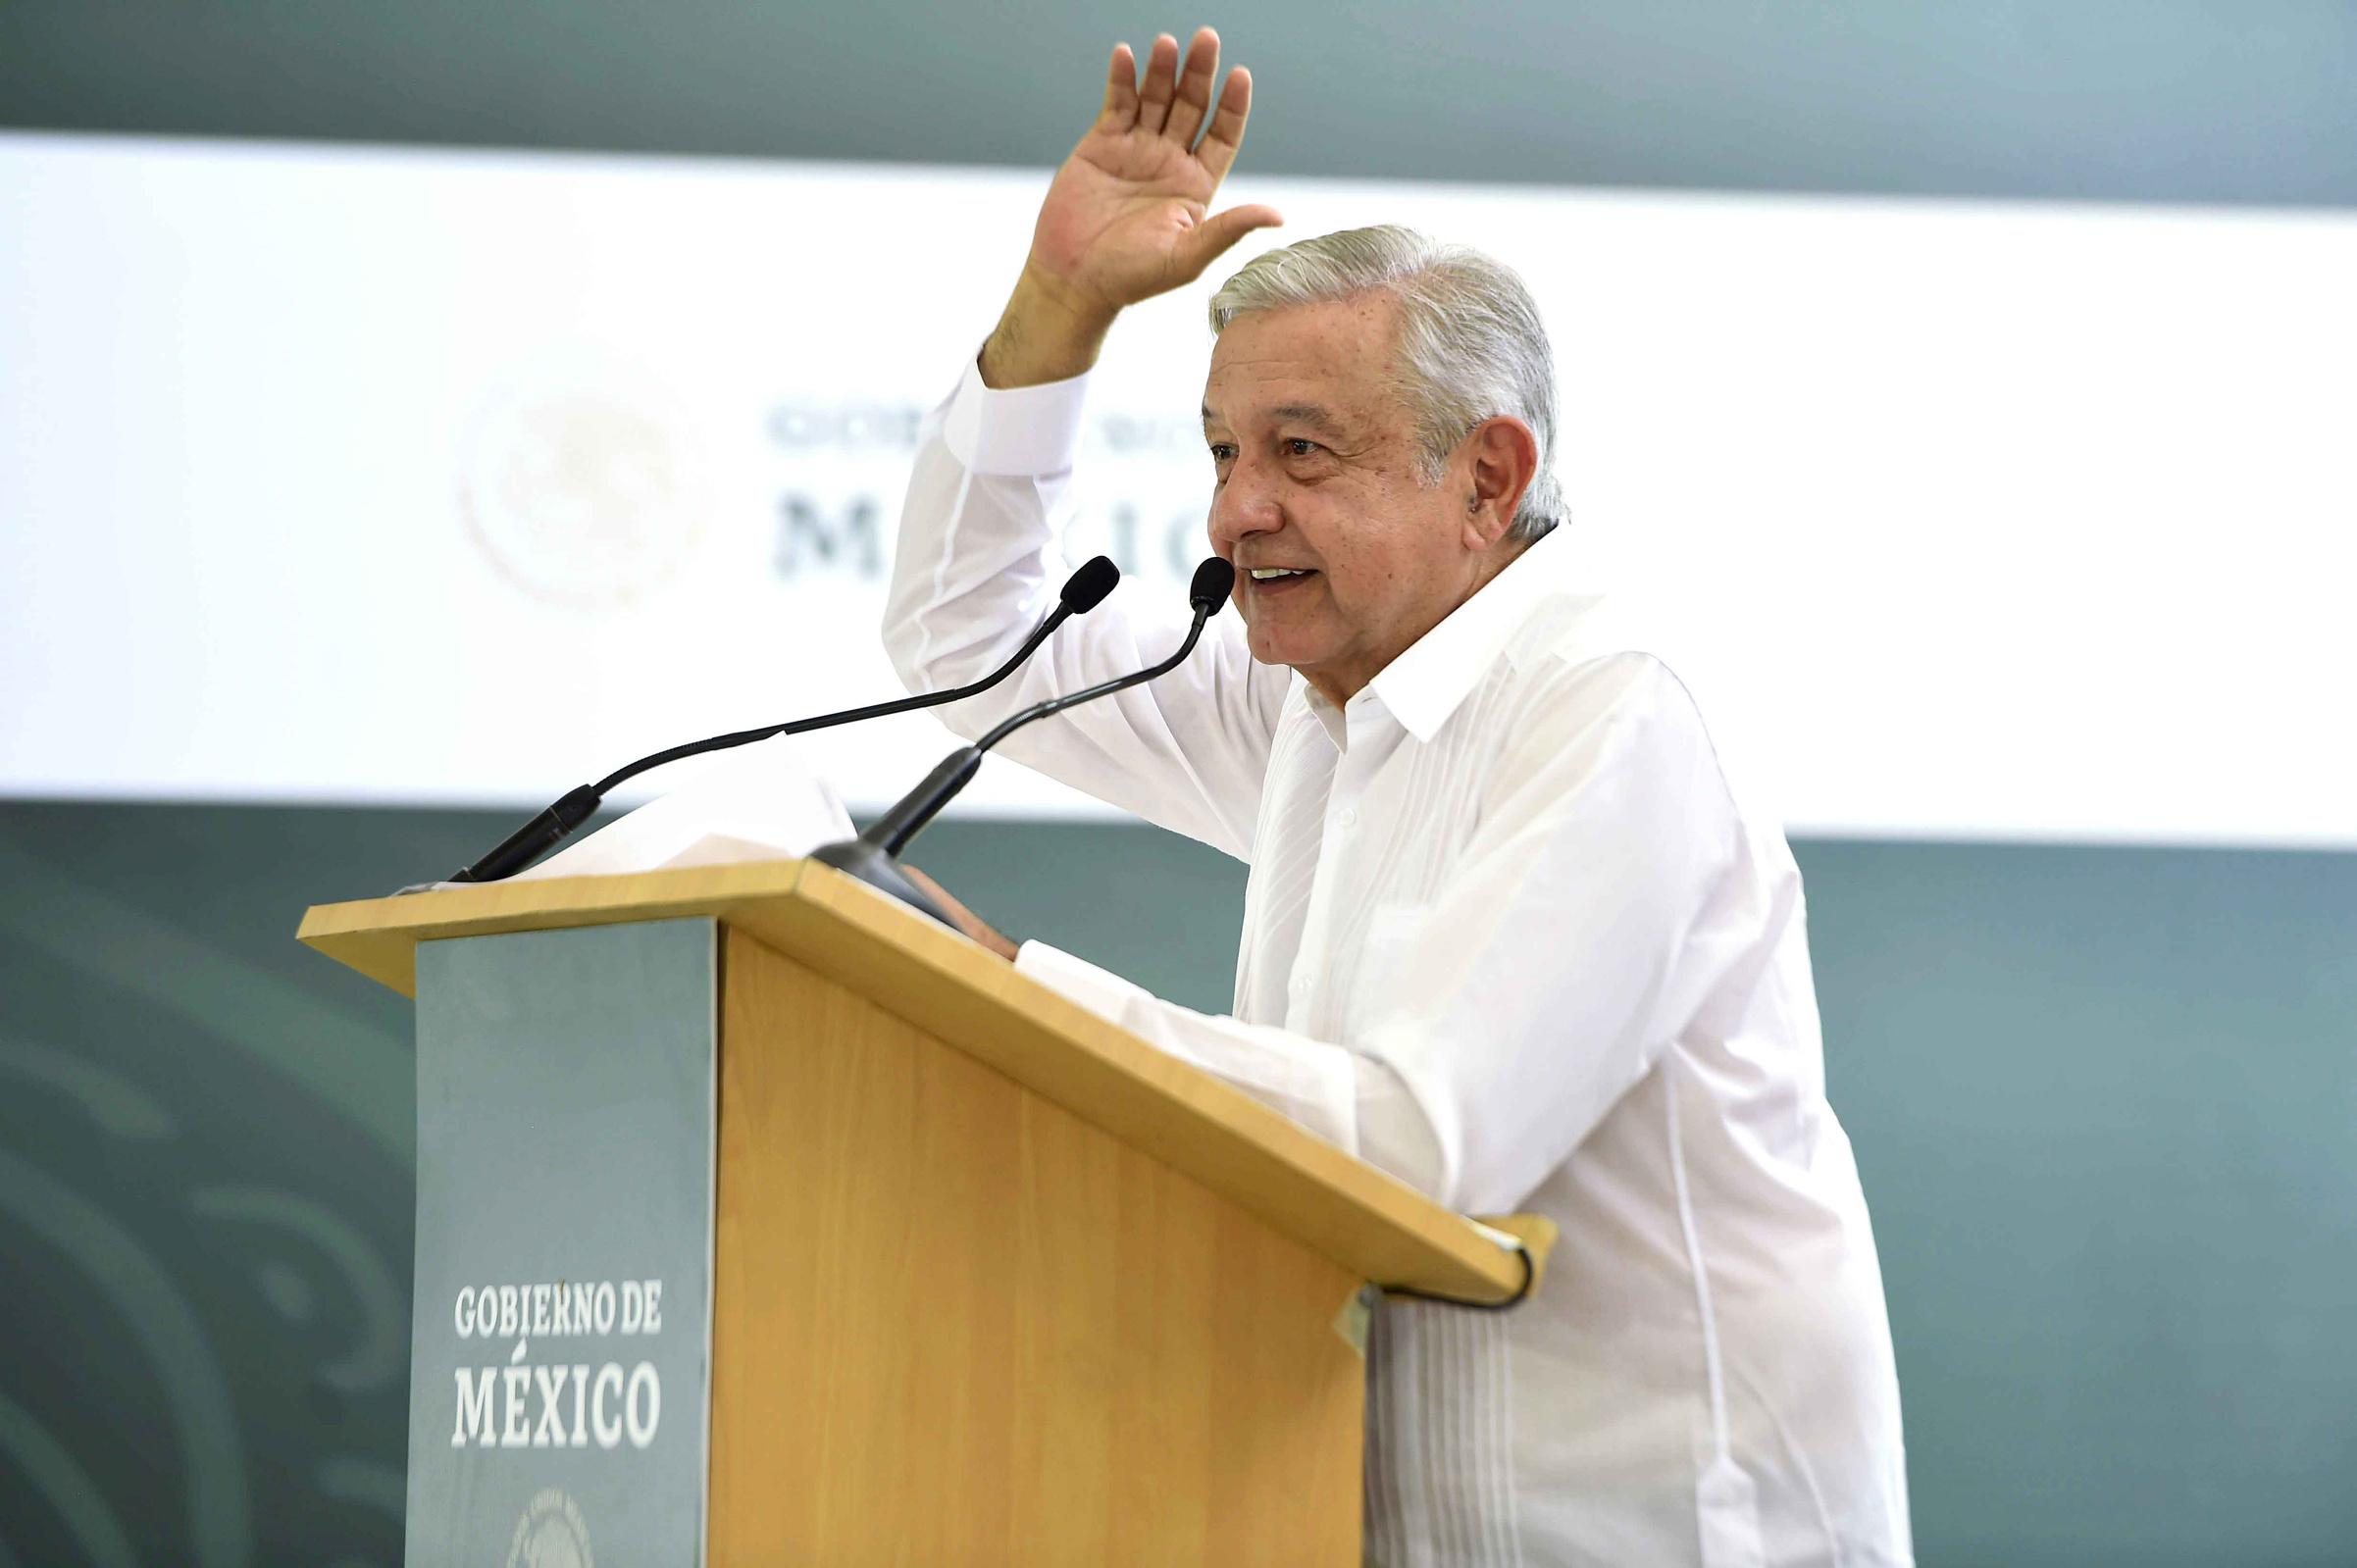 Centroamérica tiene mejores salarios que México: AMLO